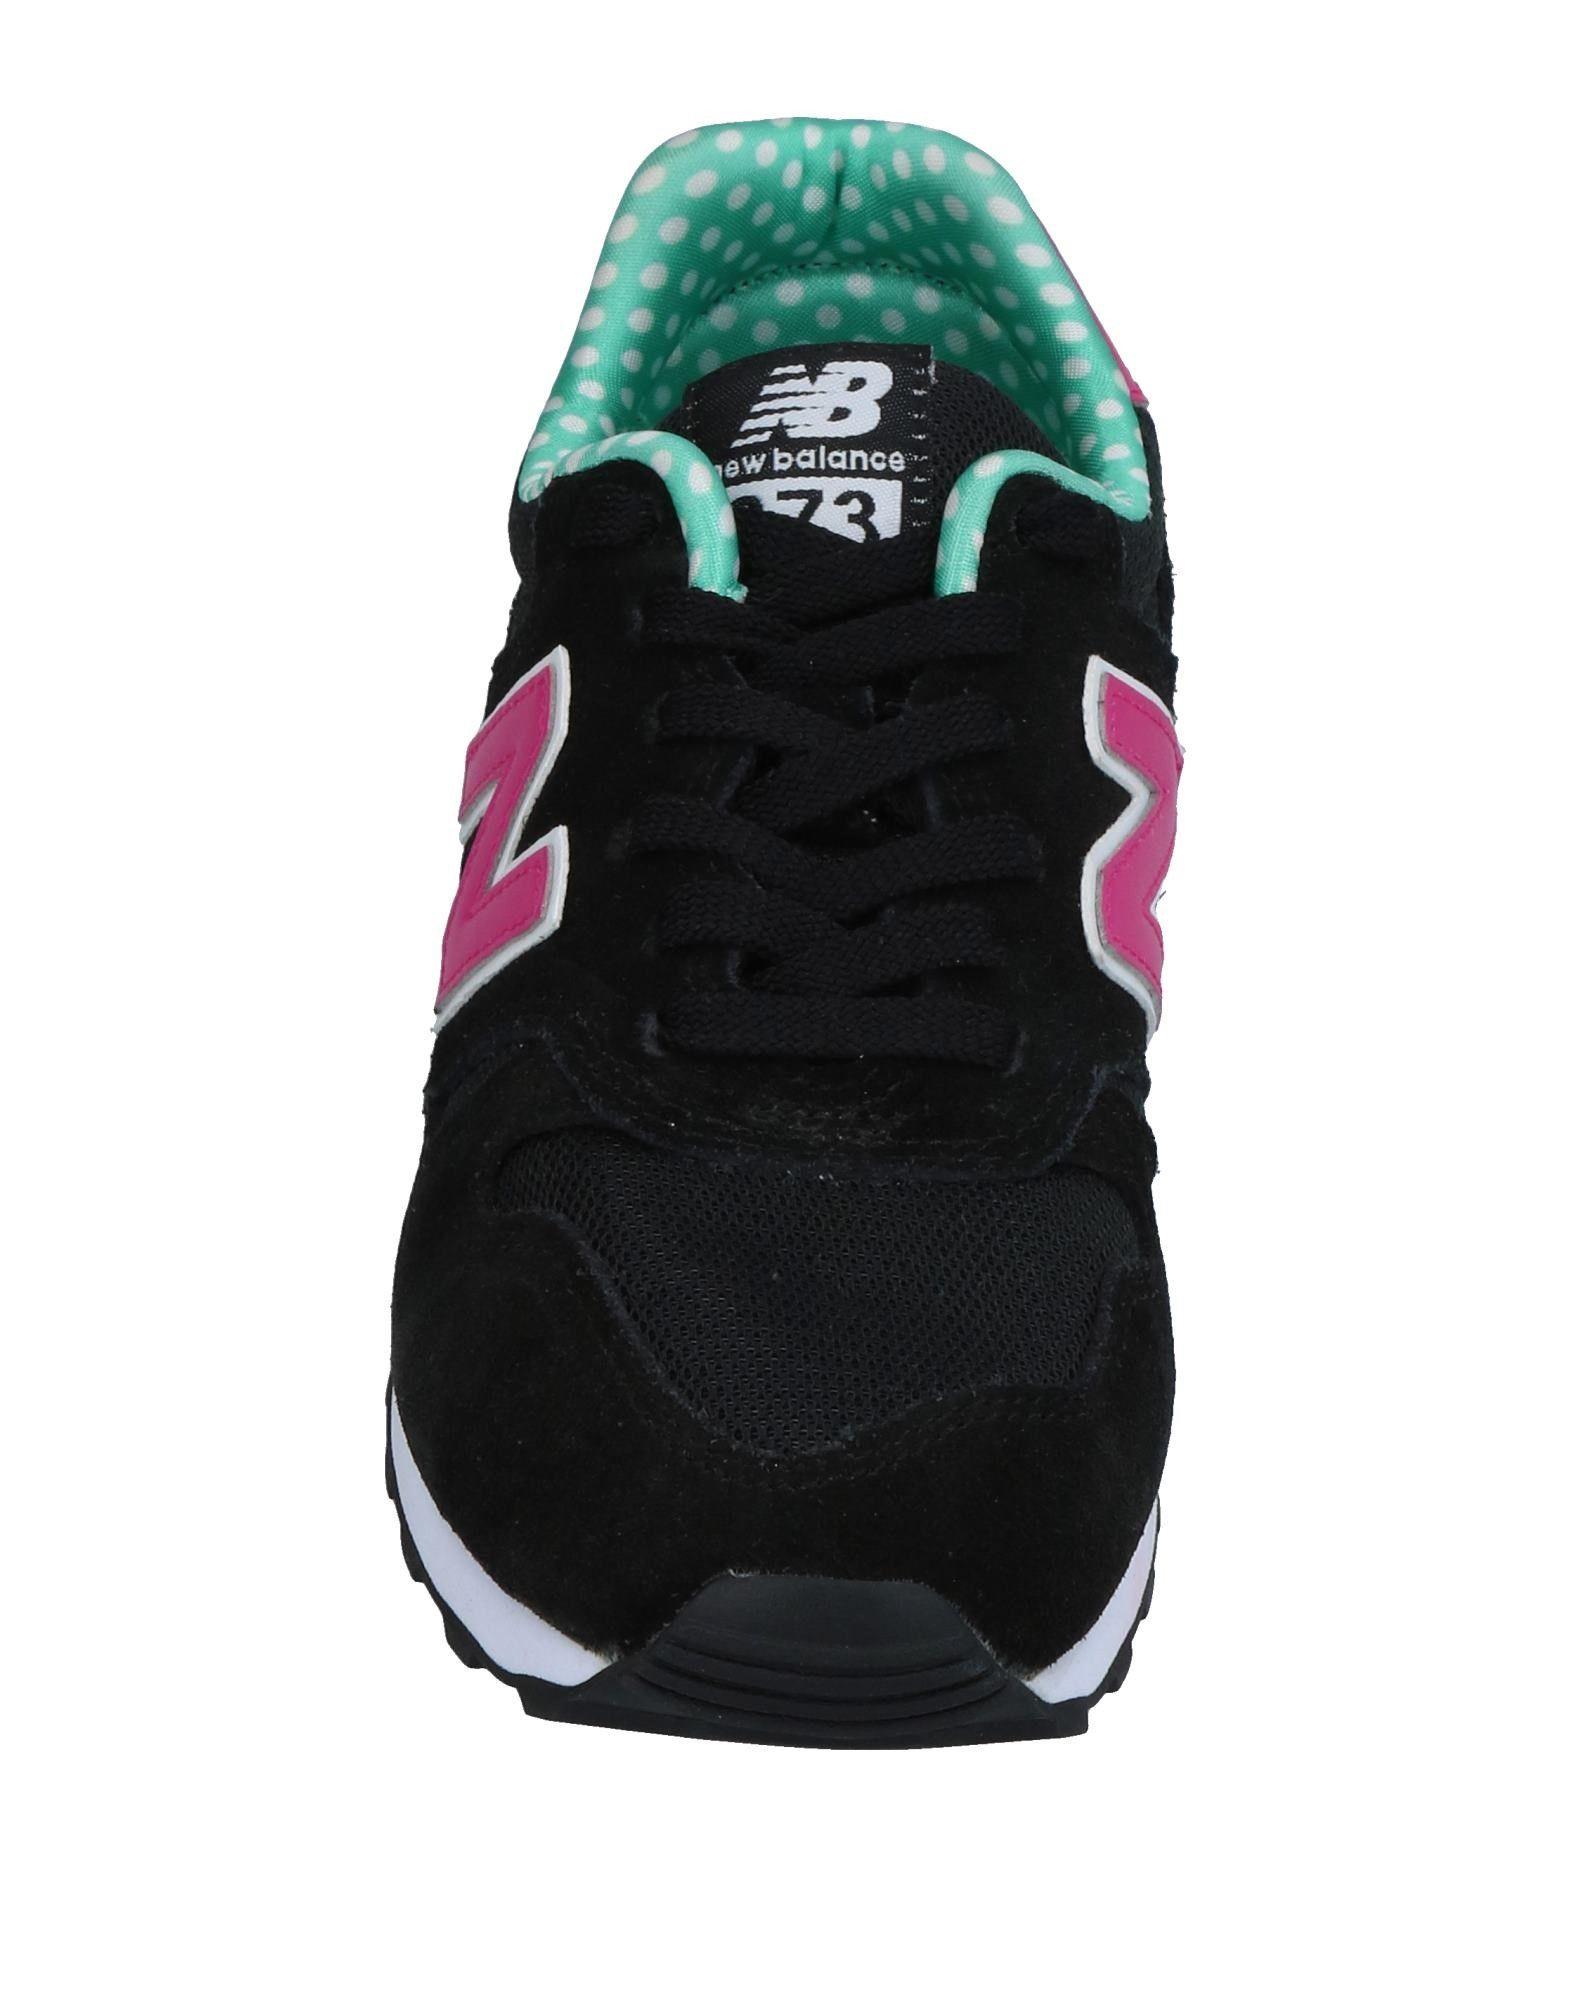 New Balance Sneakers Damen beliebte  11399912VX Gute Qualität beliebte Damen Schuhe 91e4b1